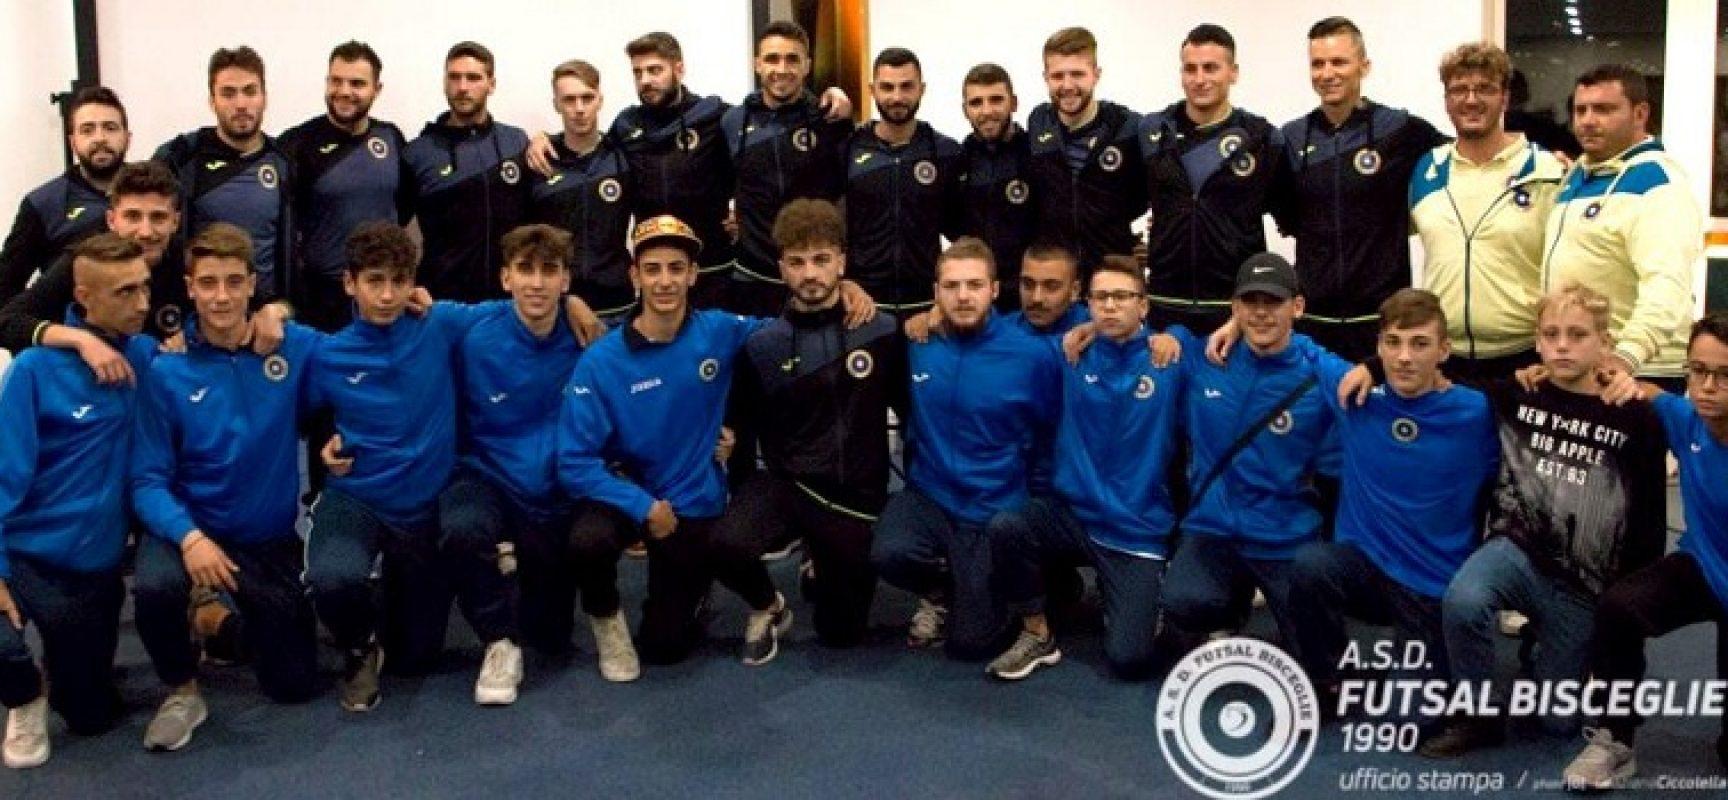 Entusiasmo e partecipazione alla presentazione ufficiale del Futsal Bisceglie